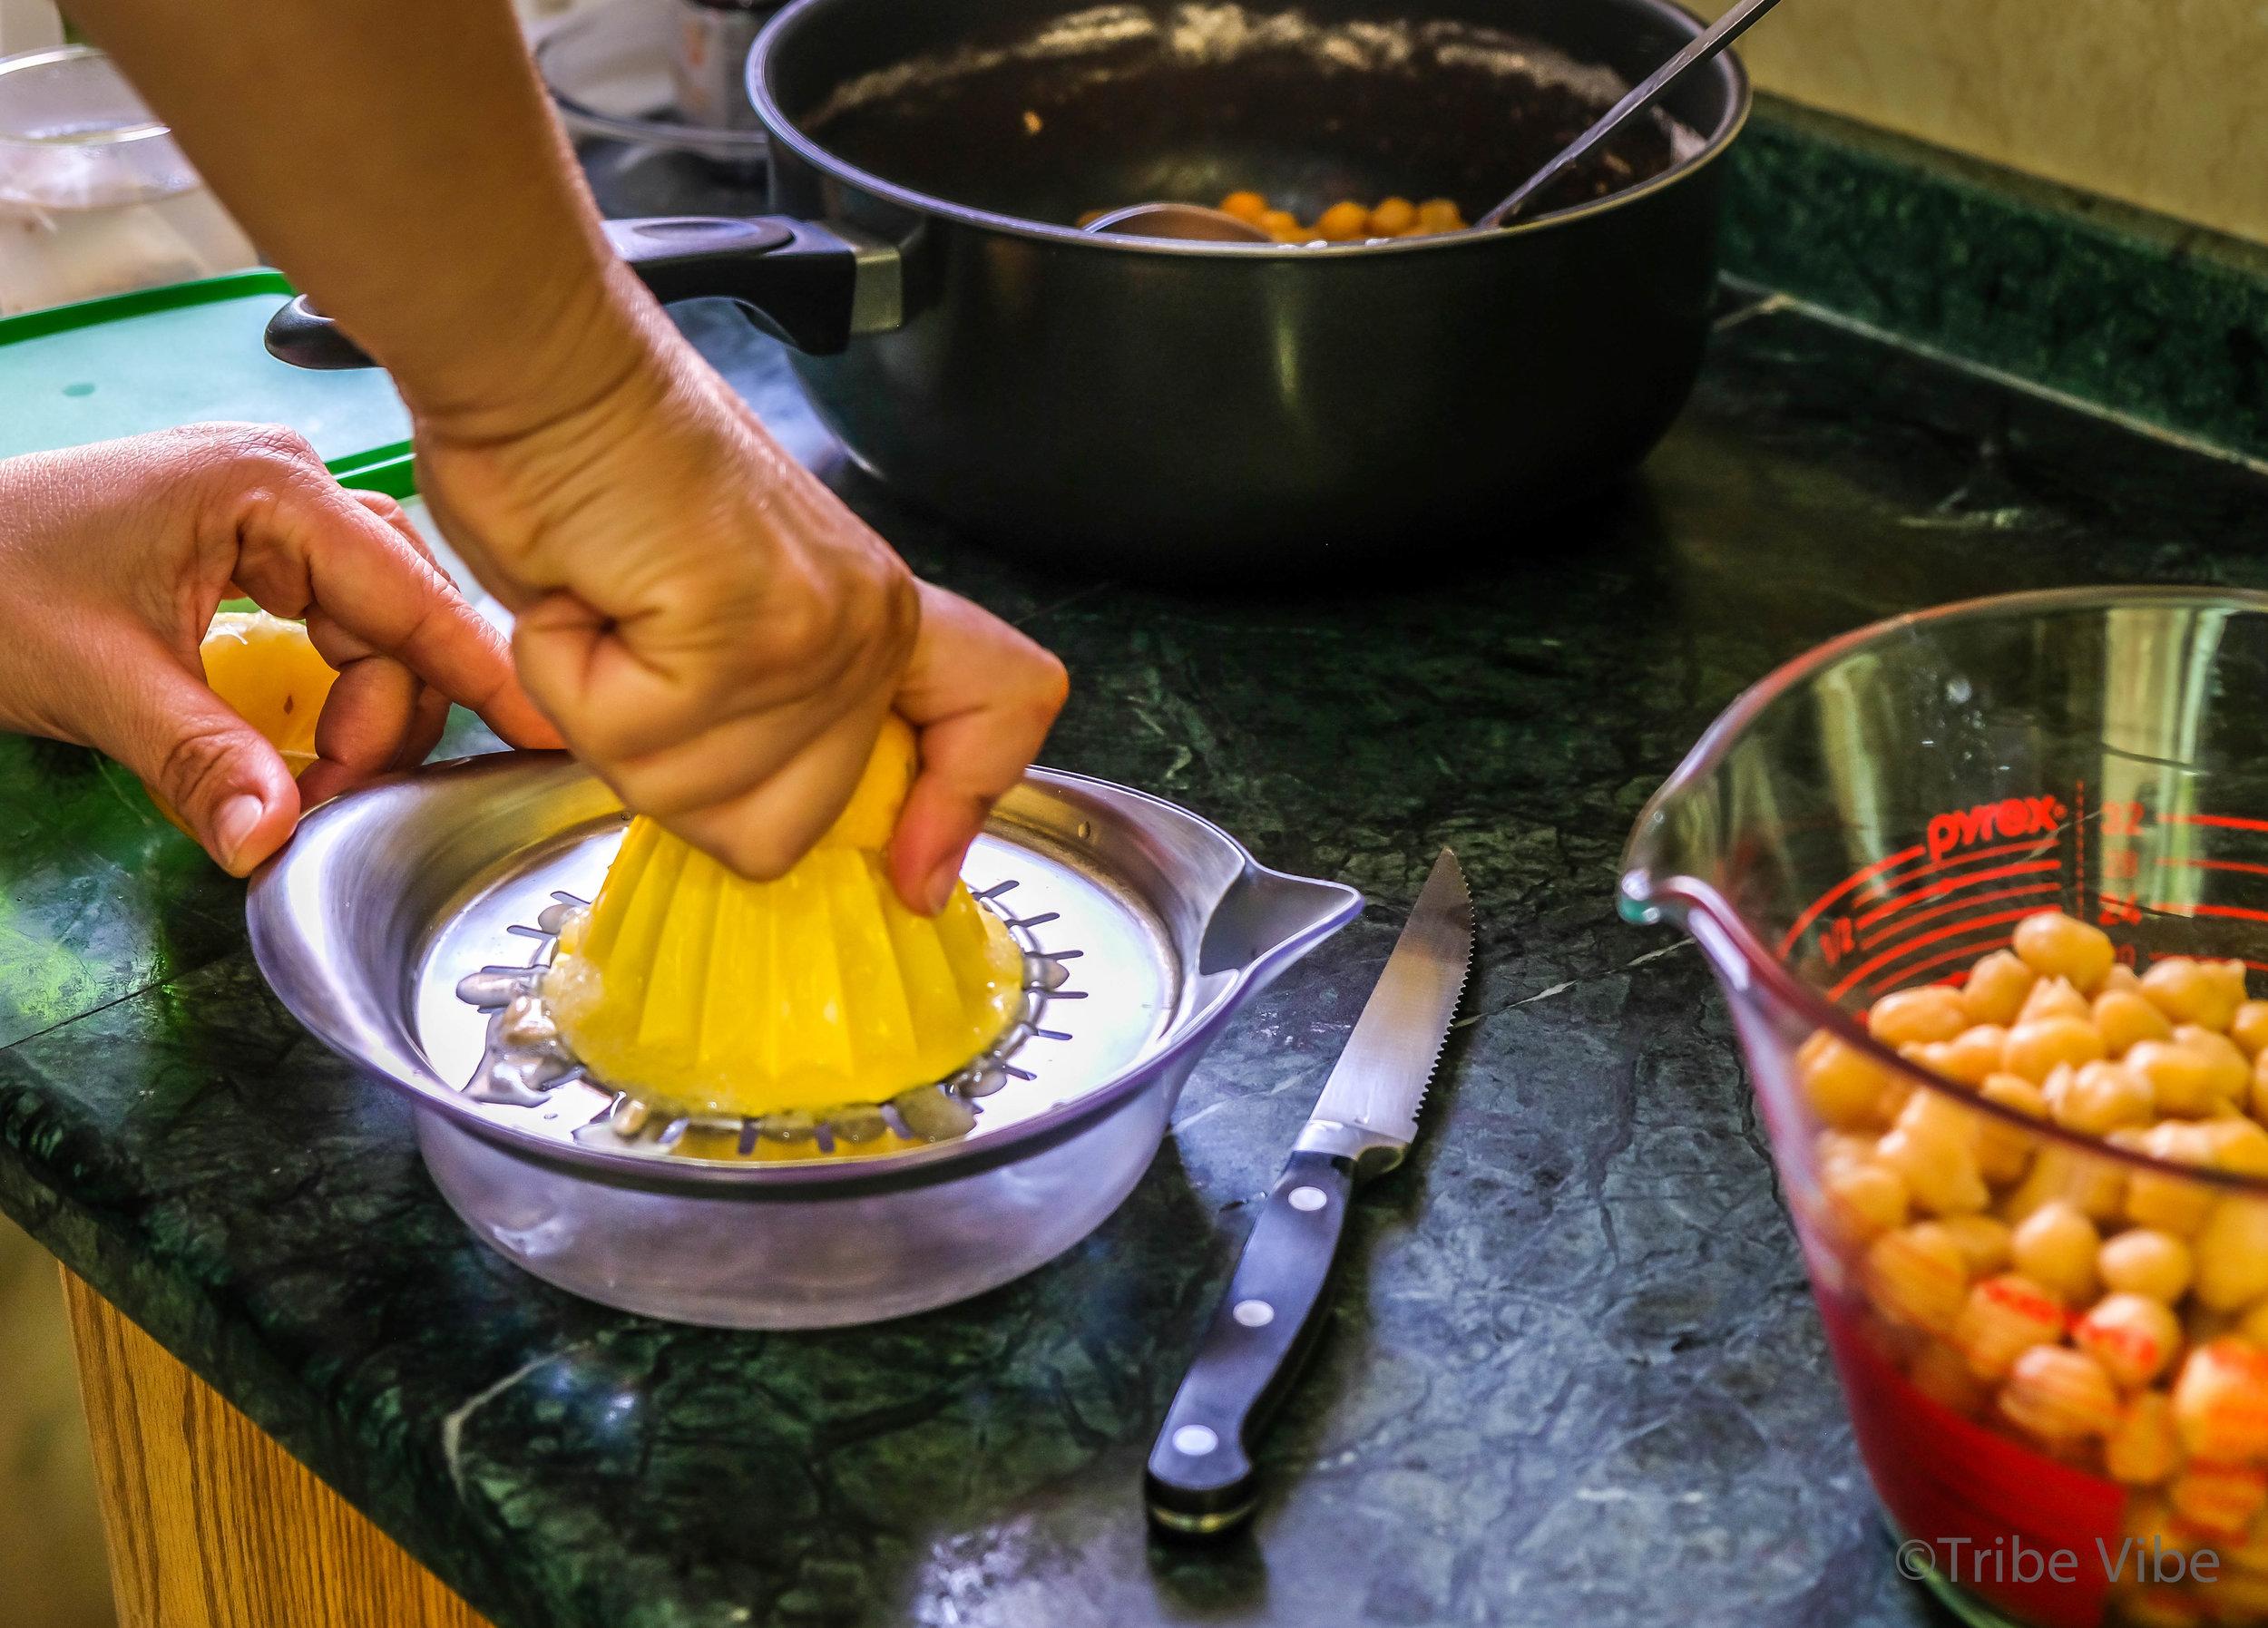 lemon for hummus.jpg